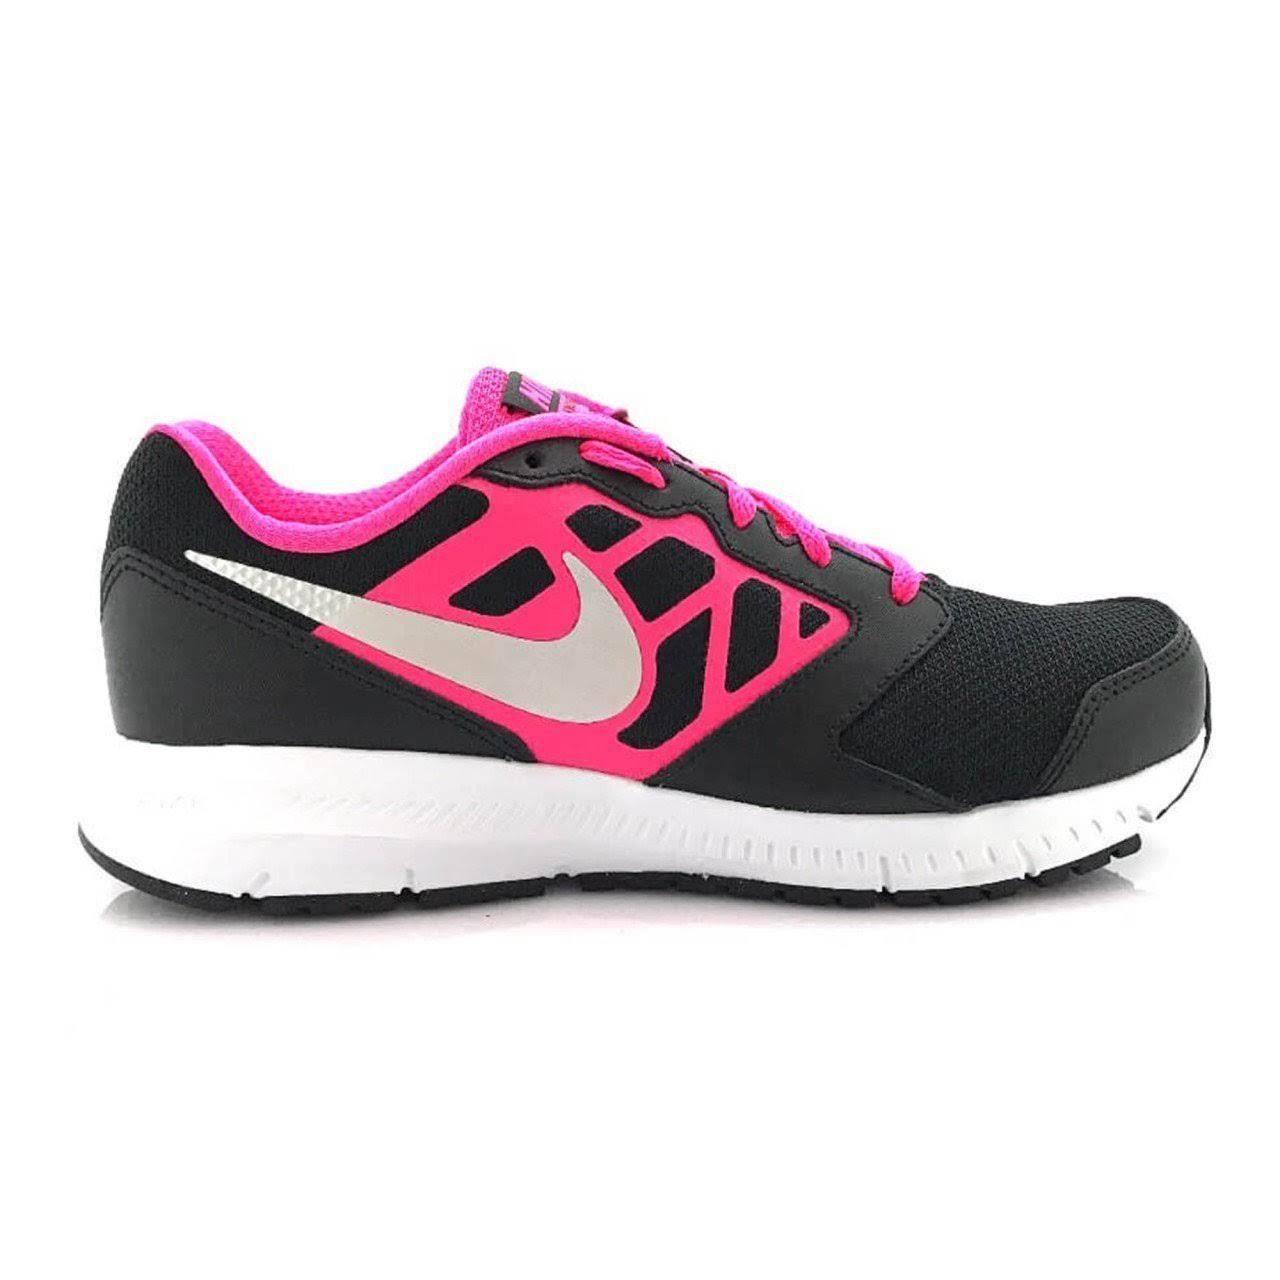 Siyah 001 685167 Downshifter Ayakkabısı 5 Koşu 28 Nike 5ZxTaqCw0q